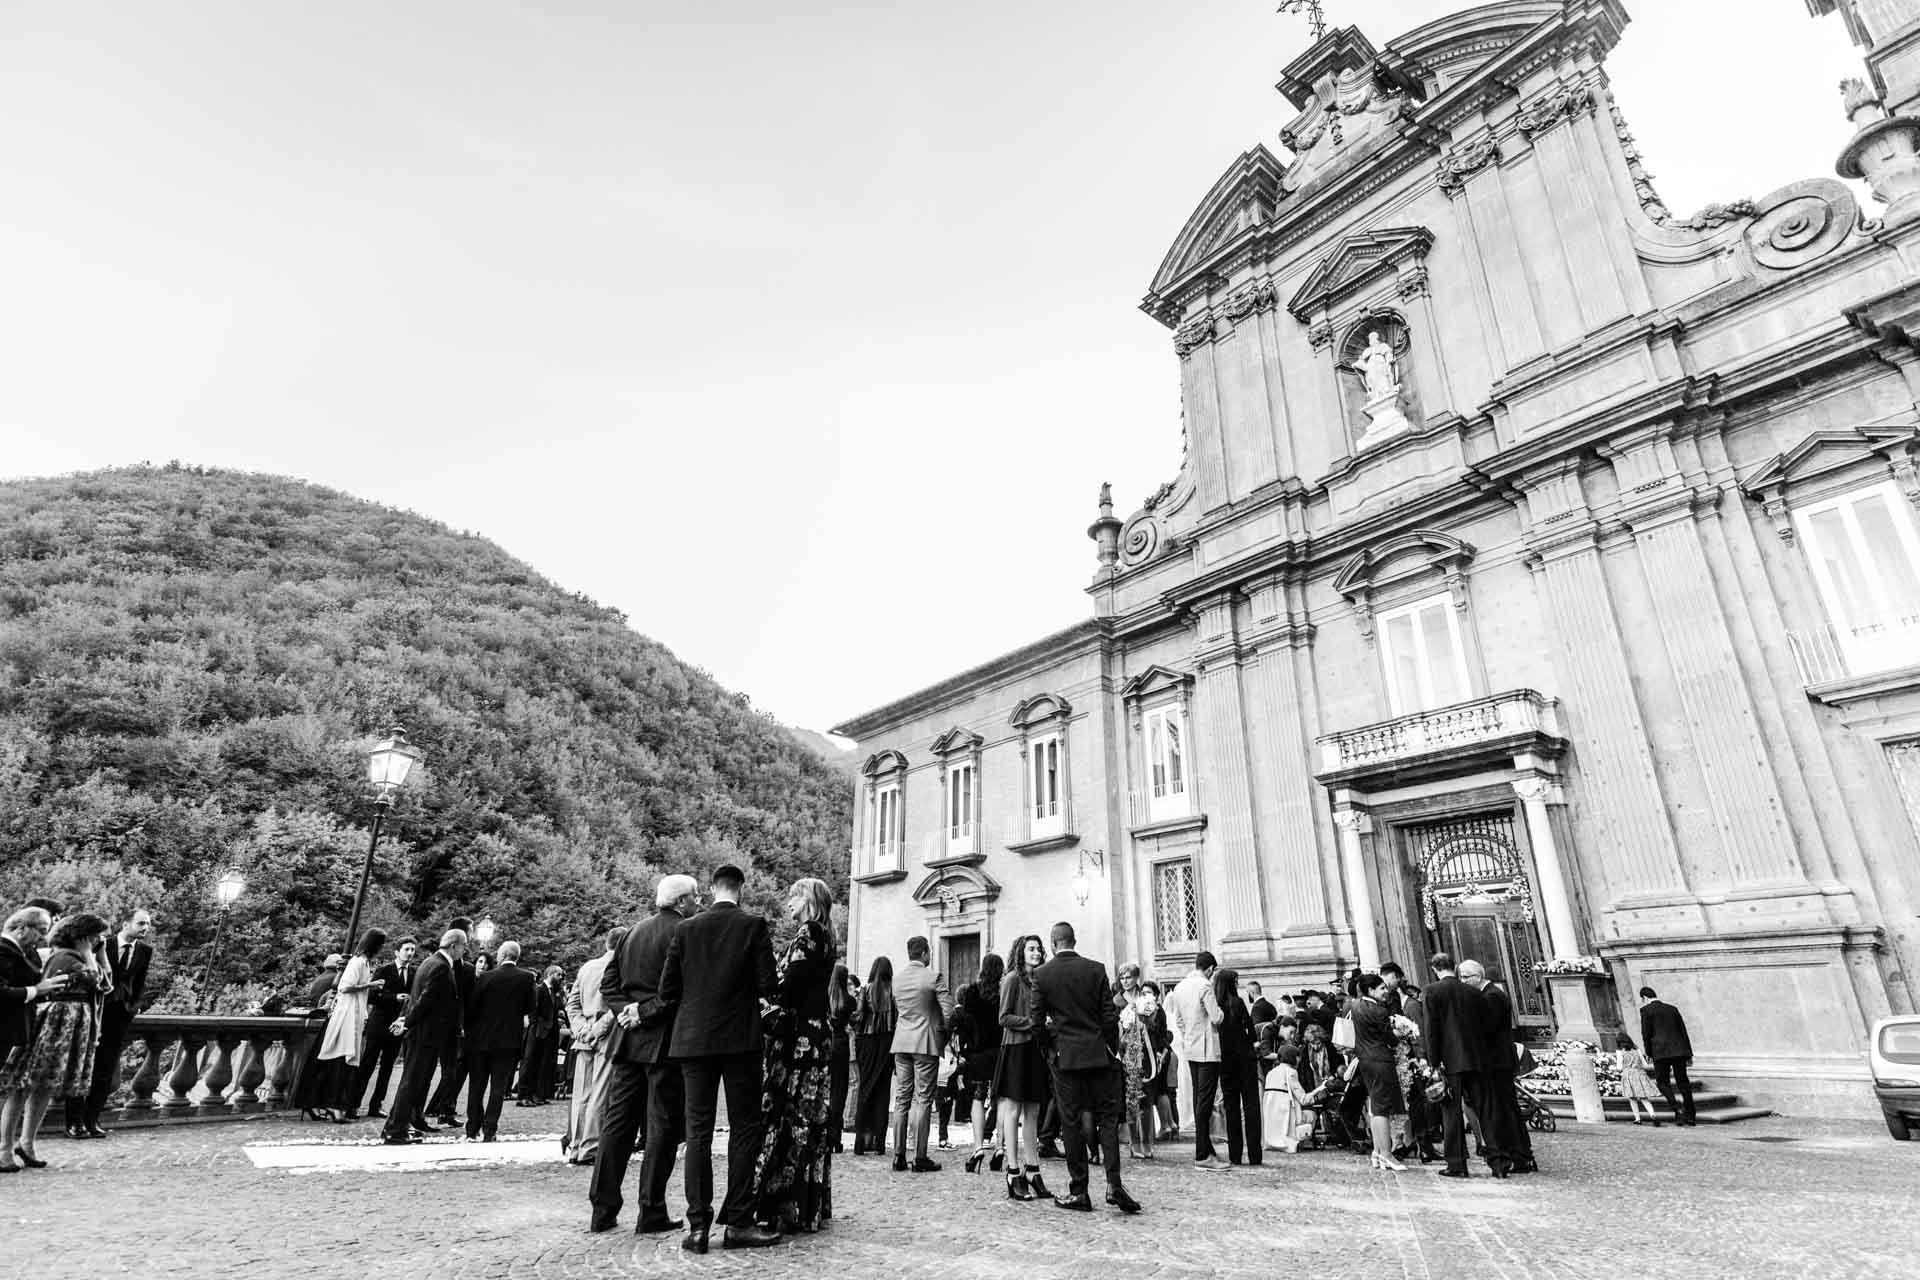 Fotografo Cava Dei Tirreni fotografo di matrimonio a cava de' tirreni